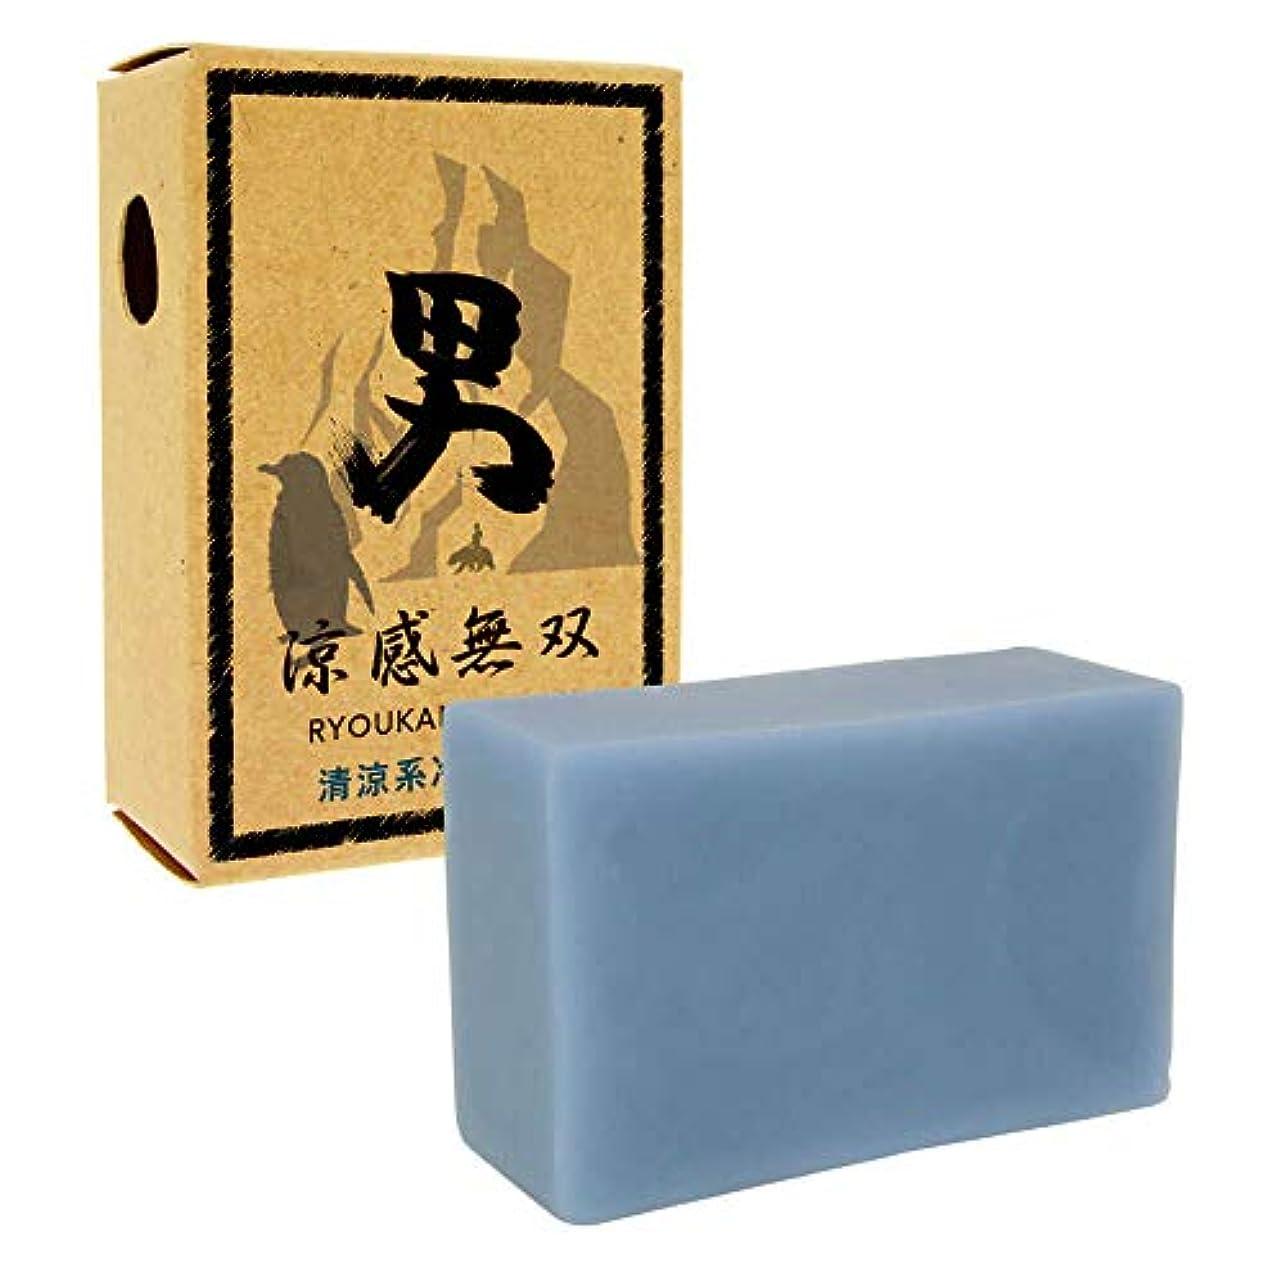 バッテリー排泄物洗剤男十撫せっけん「涼感無双」メントール 洗顔 クール (単品)